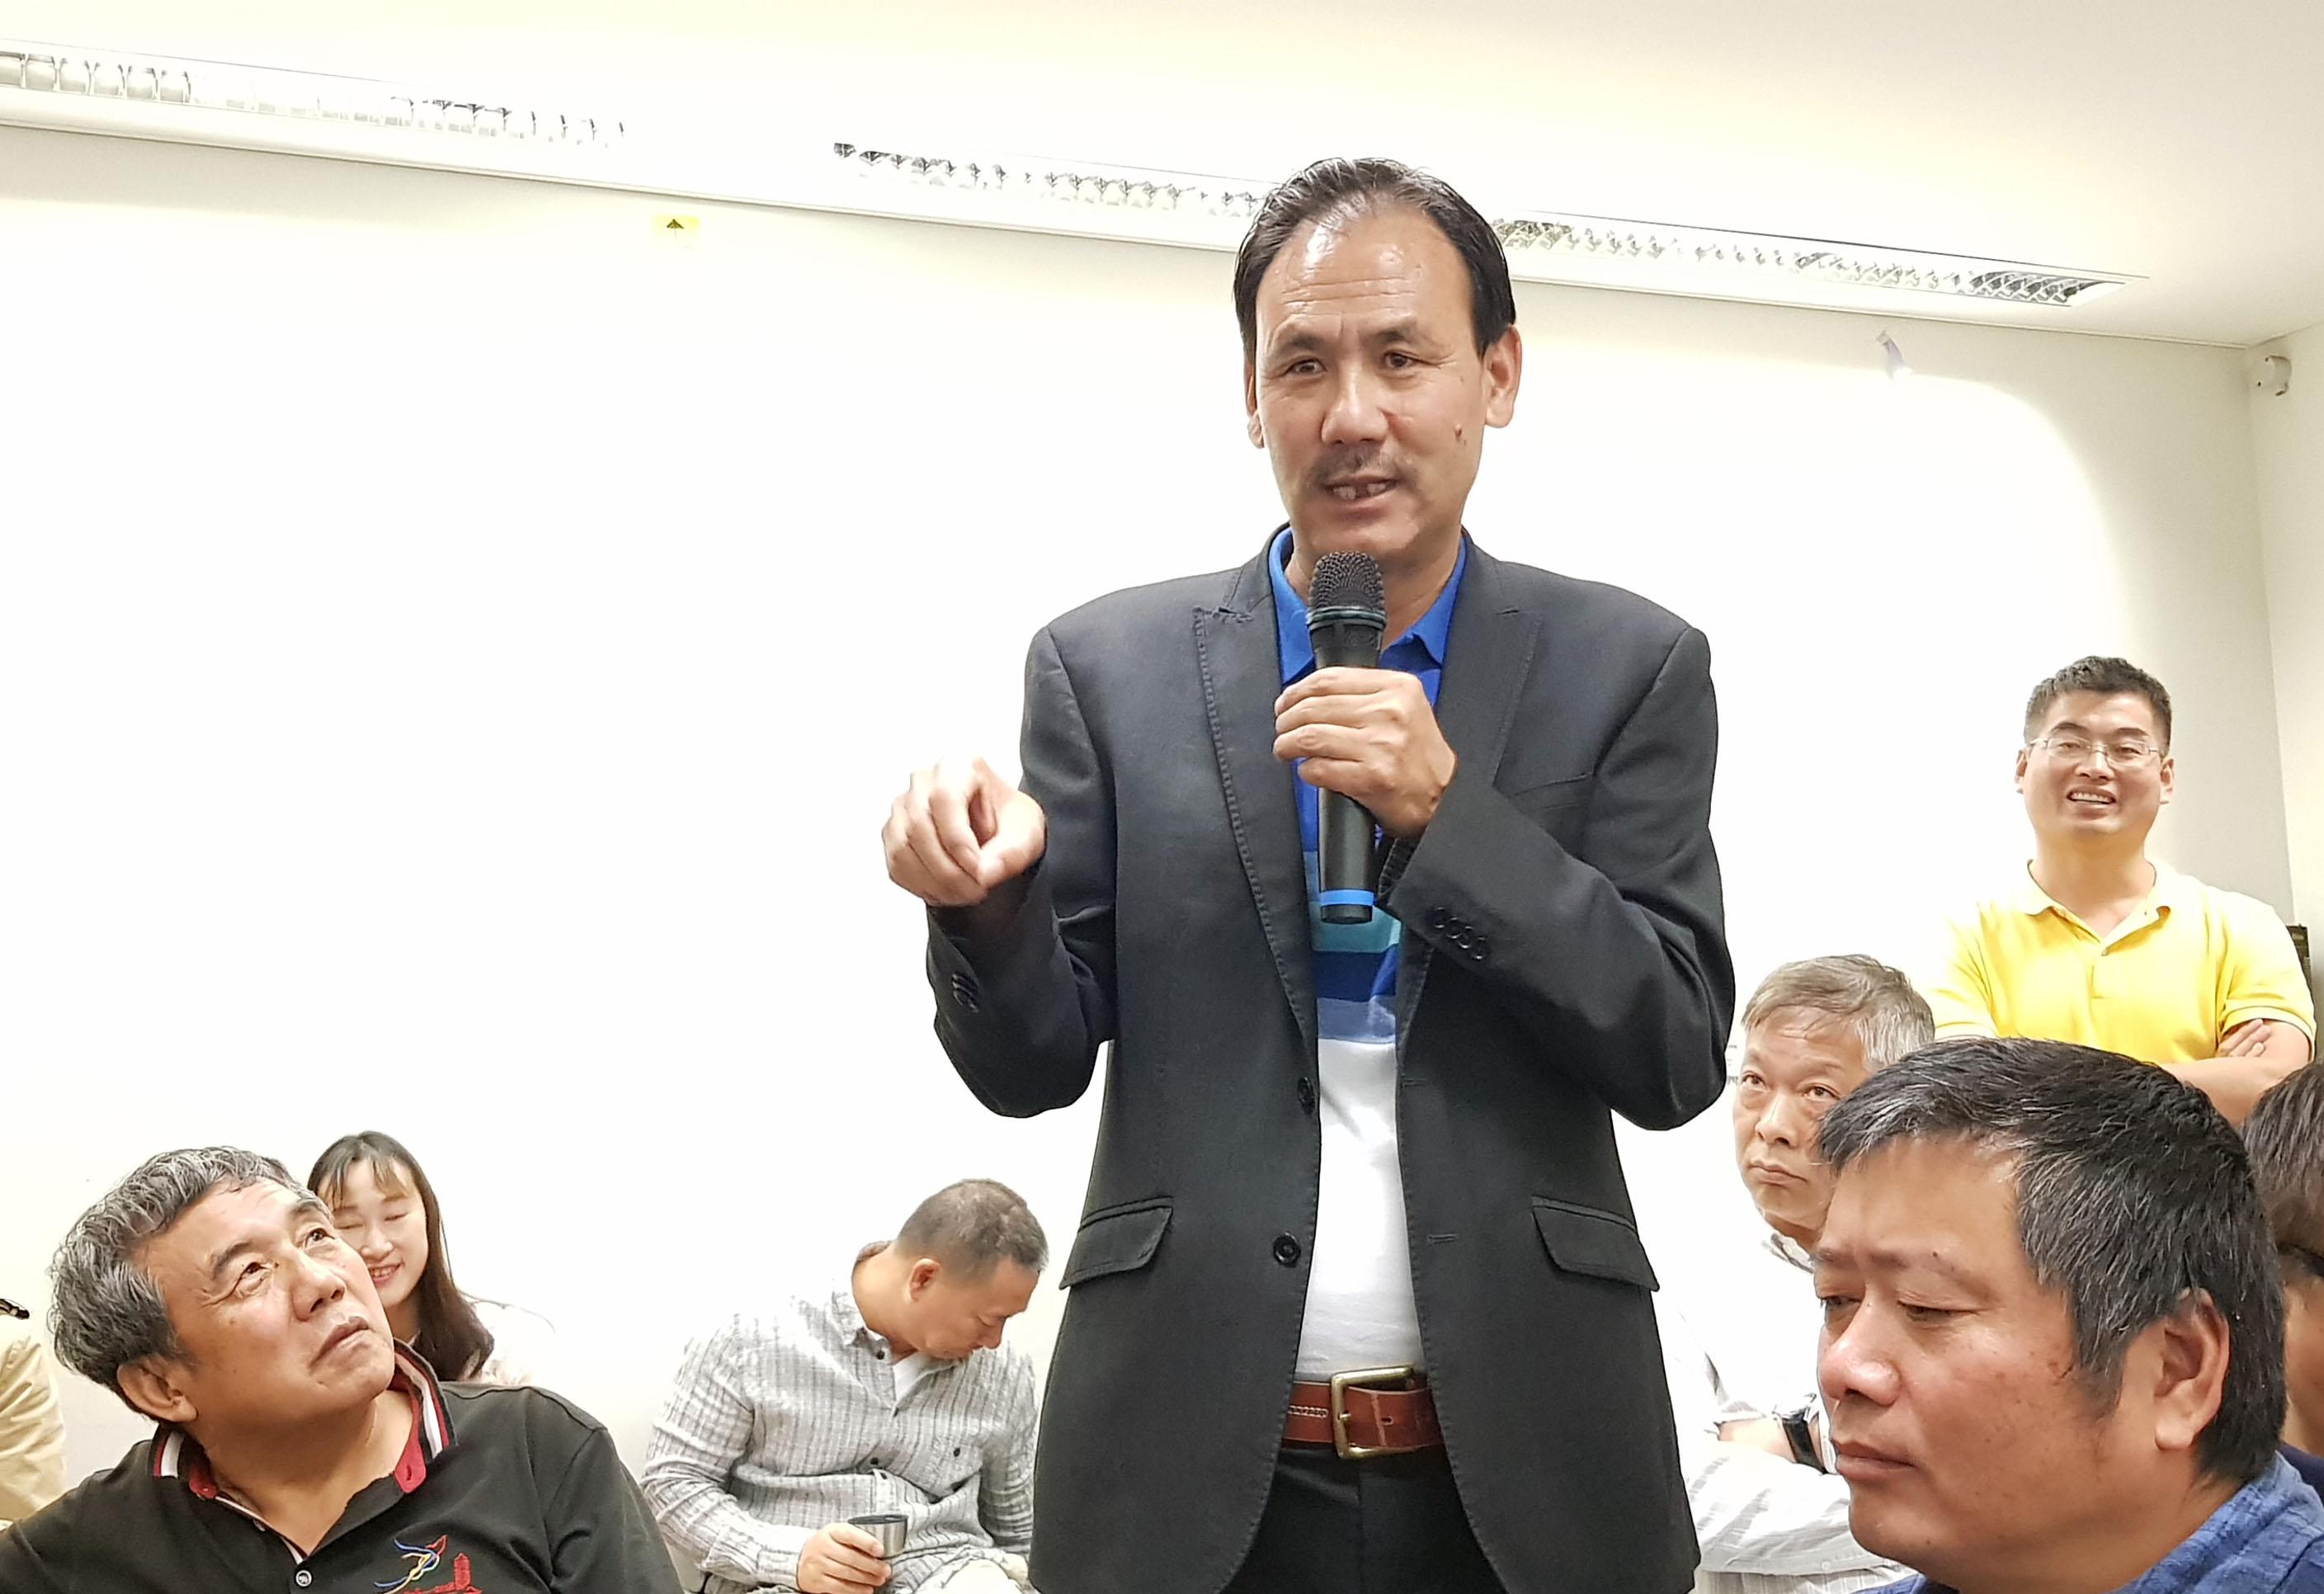 澳洲西藏華人聯絡官格桑堅參發言,揭露「澳洲藏族同胞聯誼會」是中共統戰部扶持的。(駱亞/大紀元)